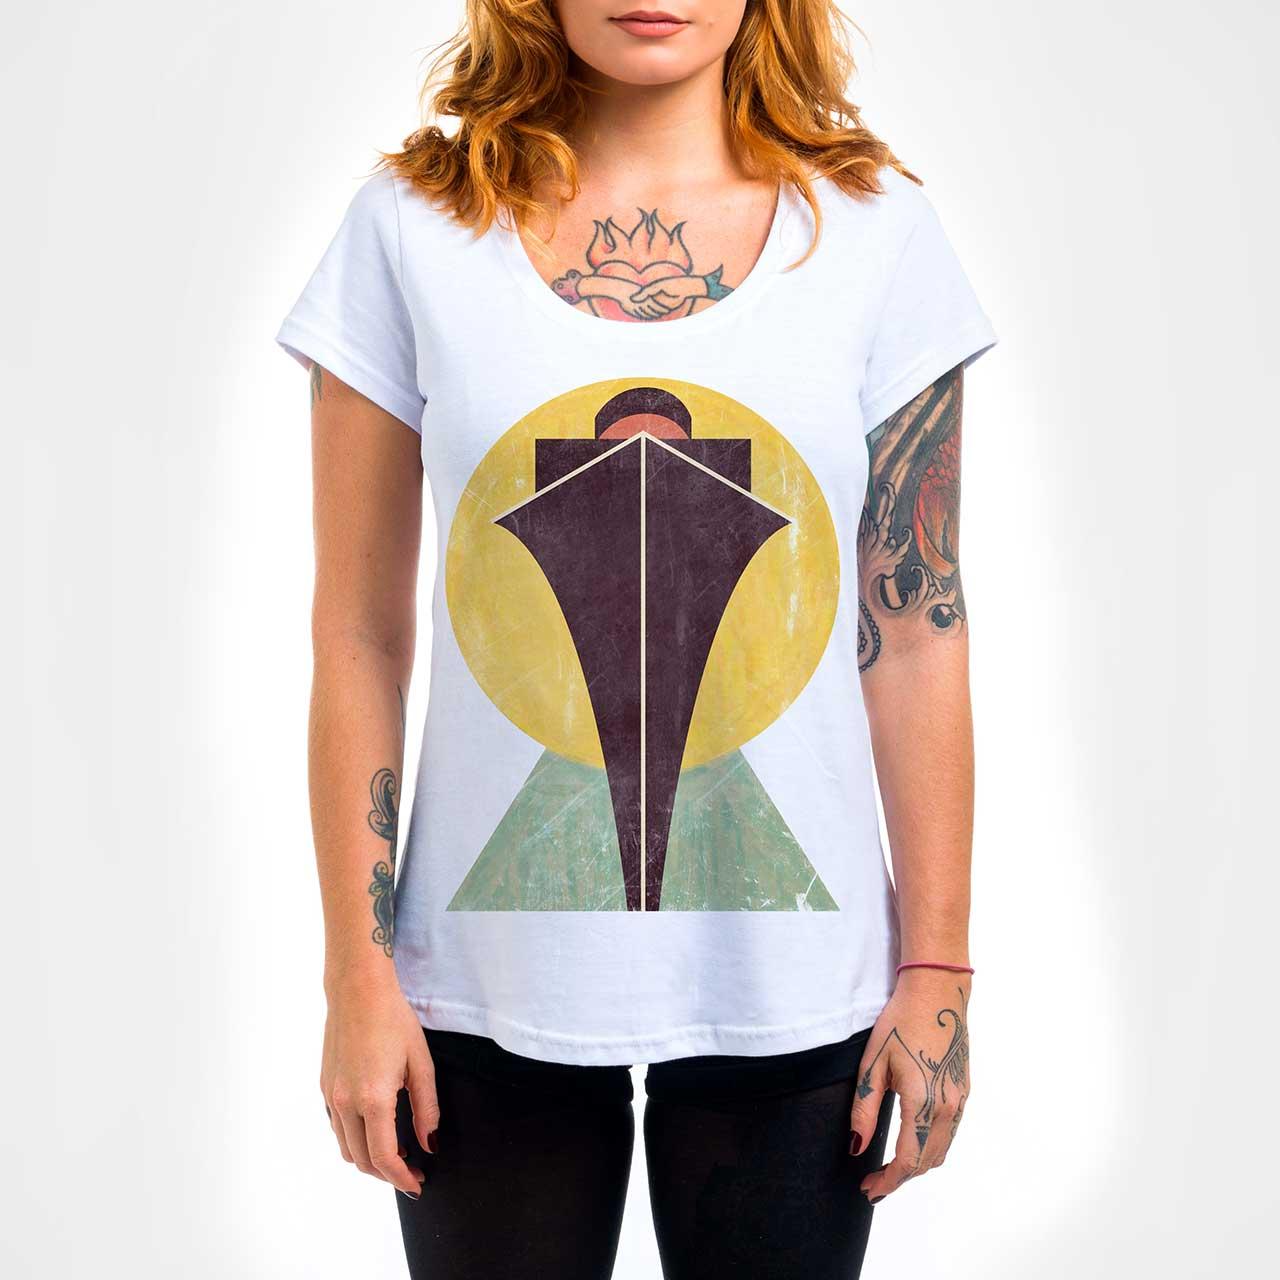 Camisa Feminina - Navy